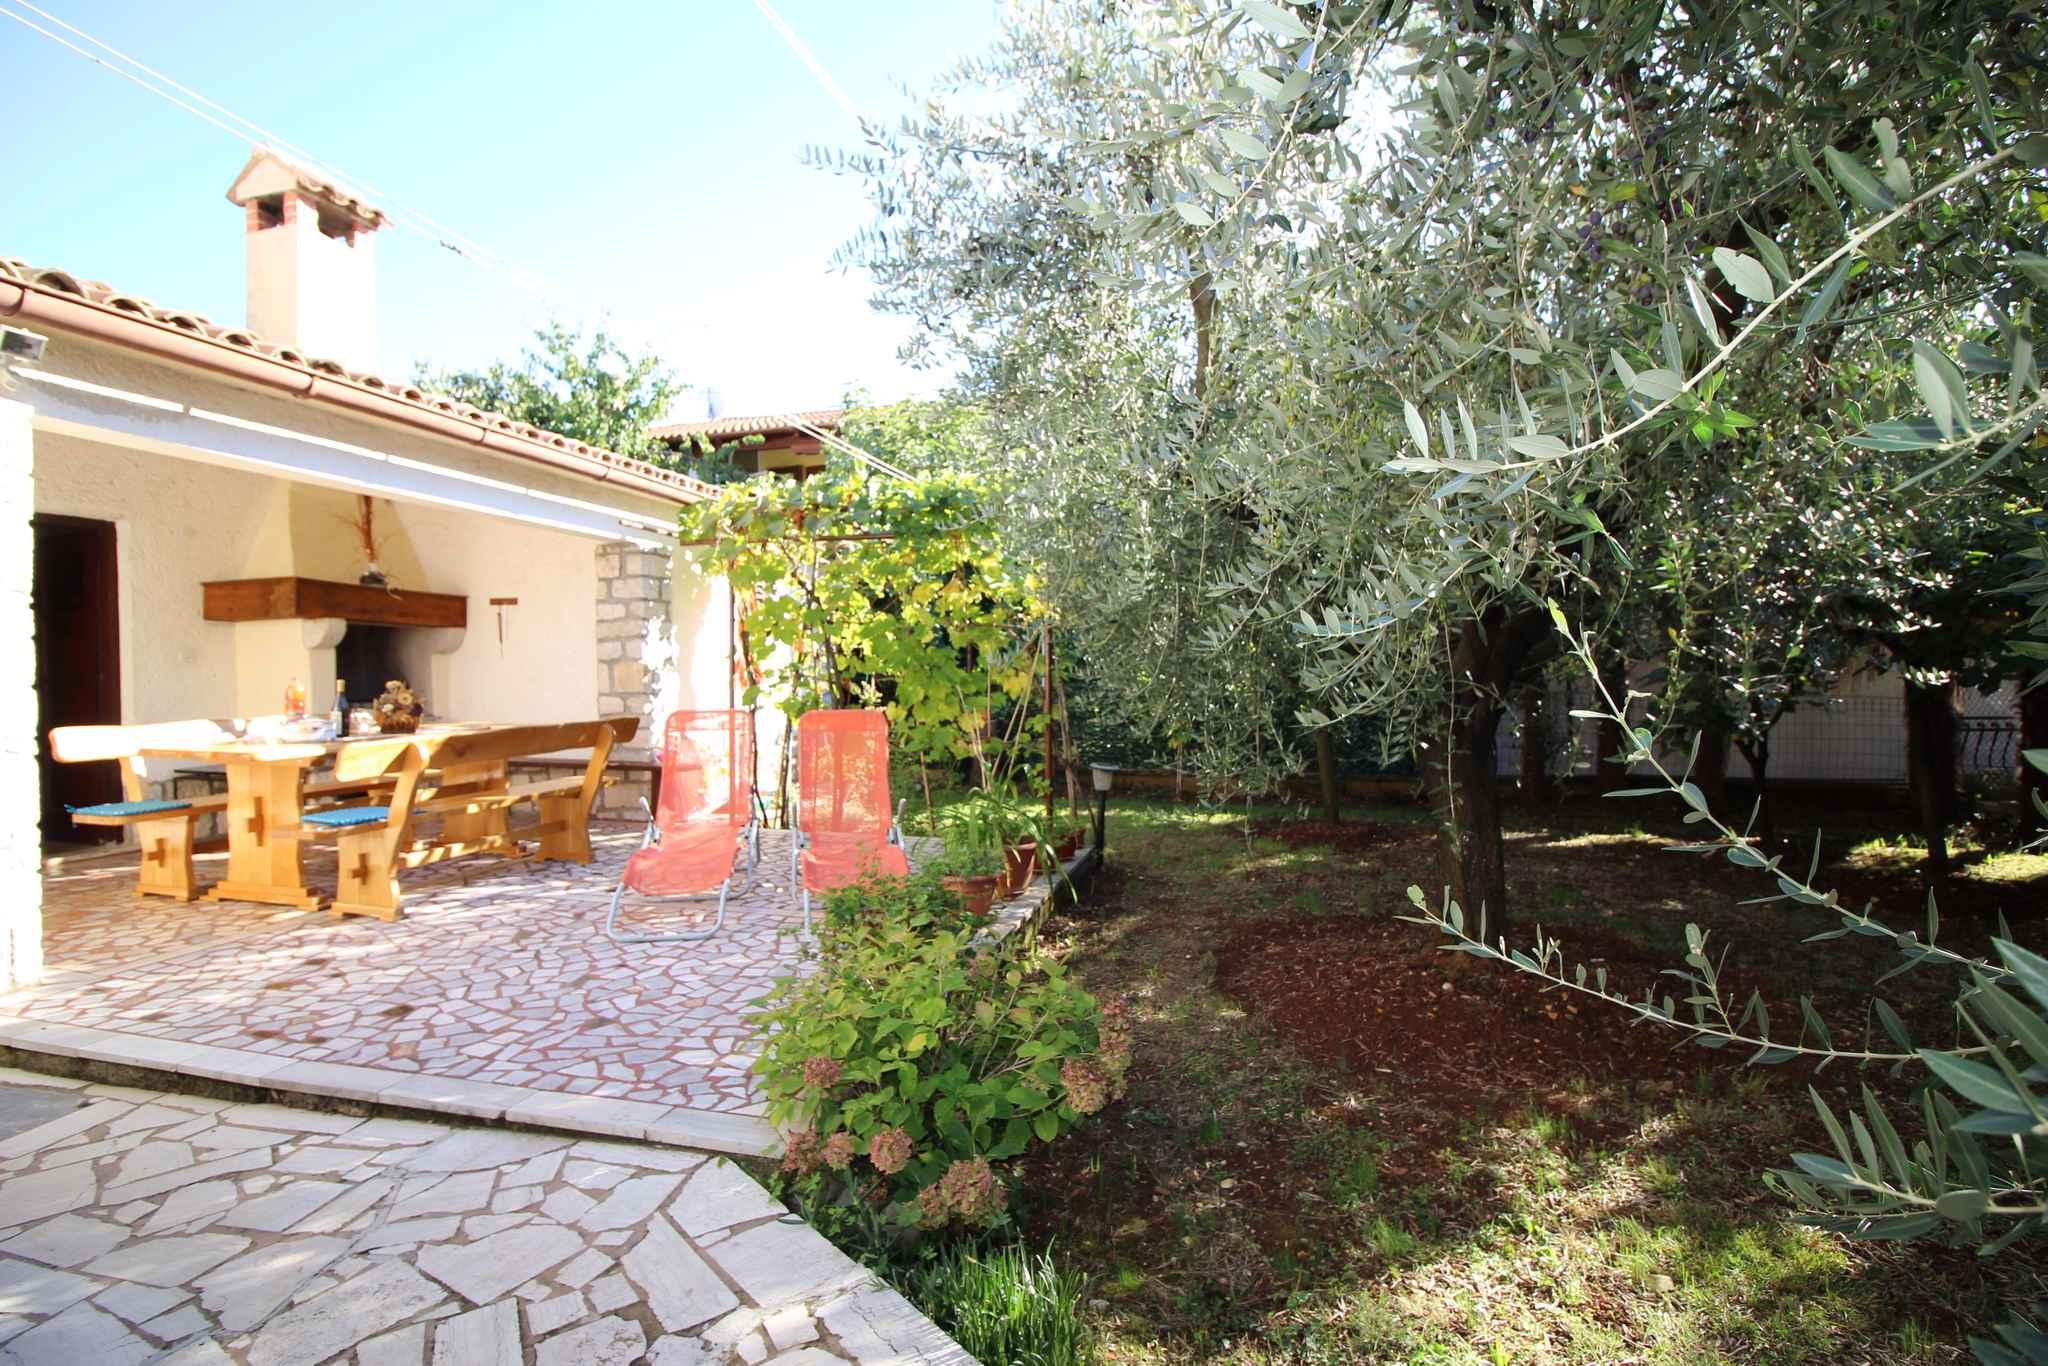 Ferienwohnung mit schönem Garten und Grill (280313), Porec, , Istrien, Kroatien, Bild 6